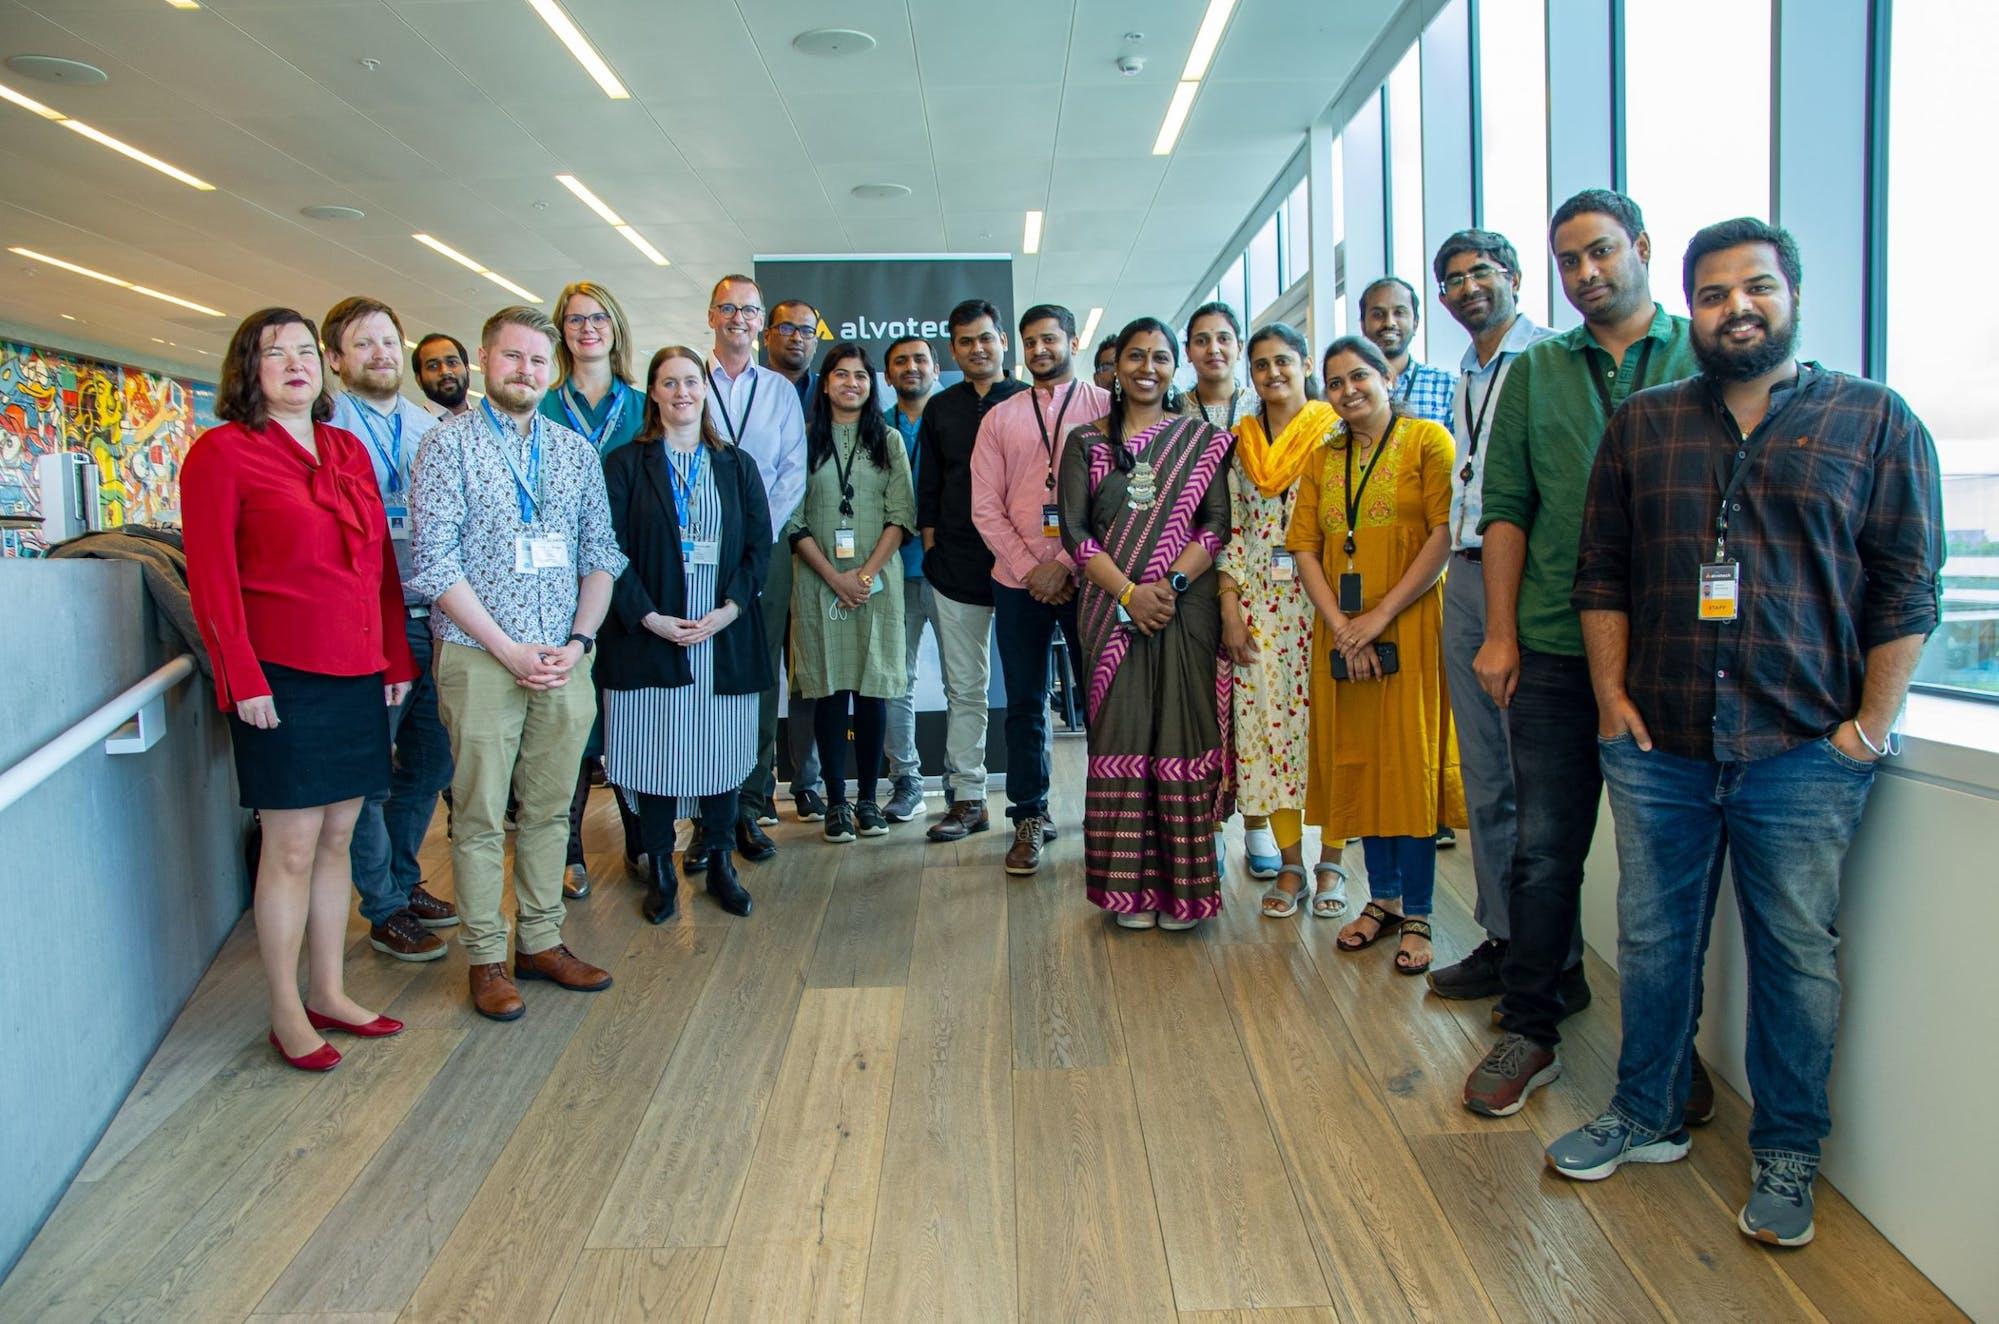 Alvotech fundraising for Unicef